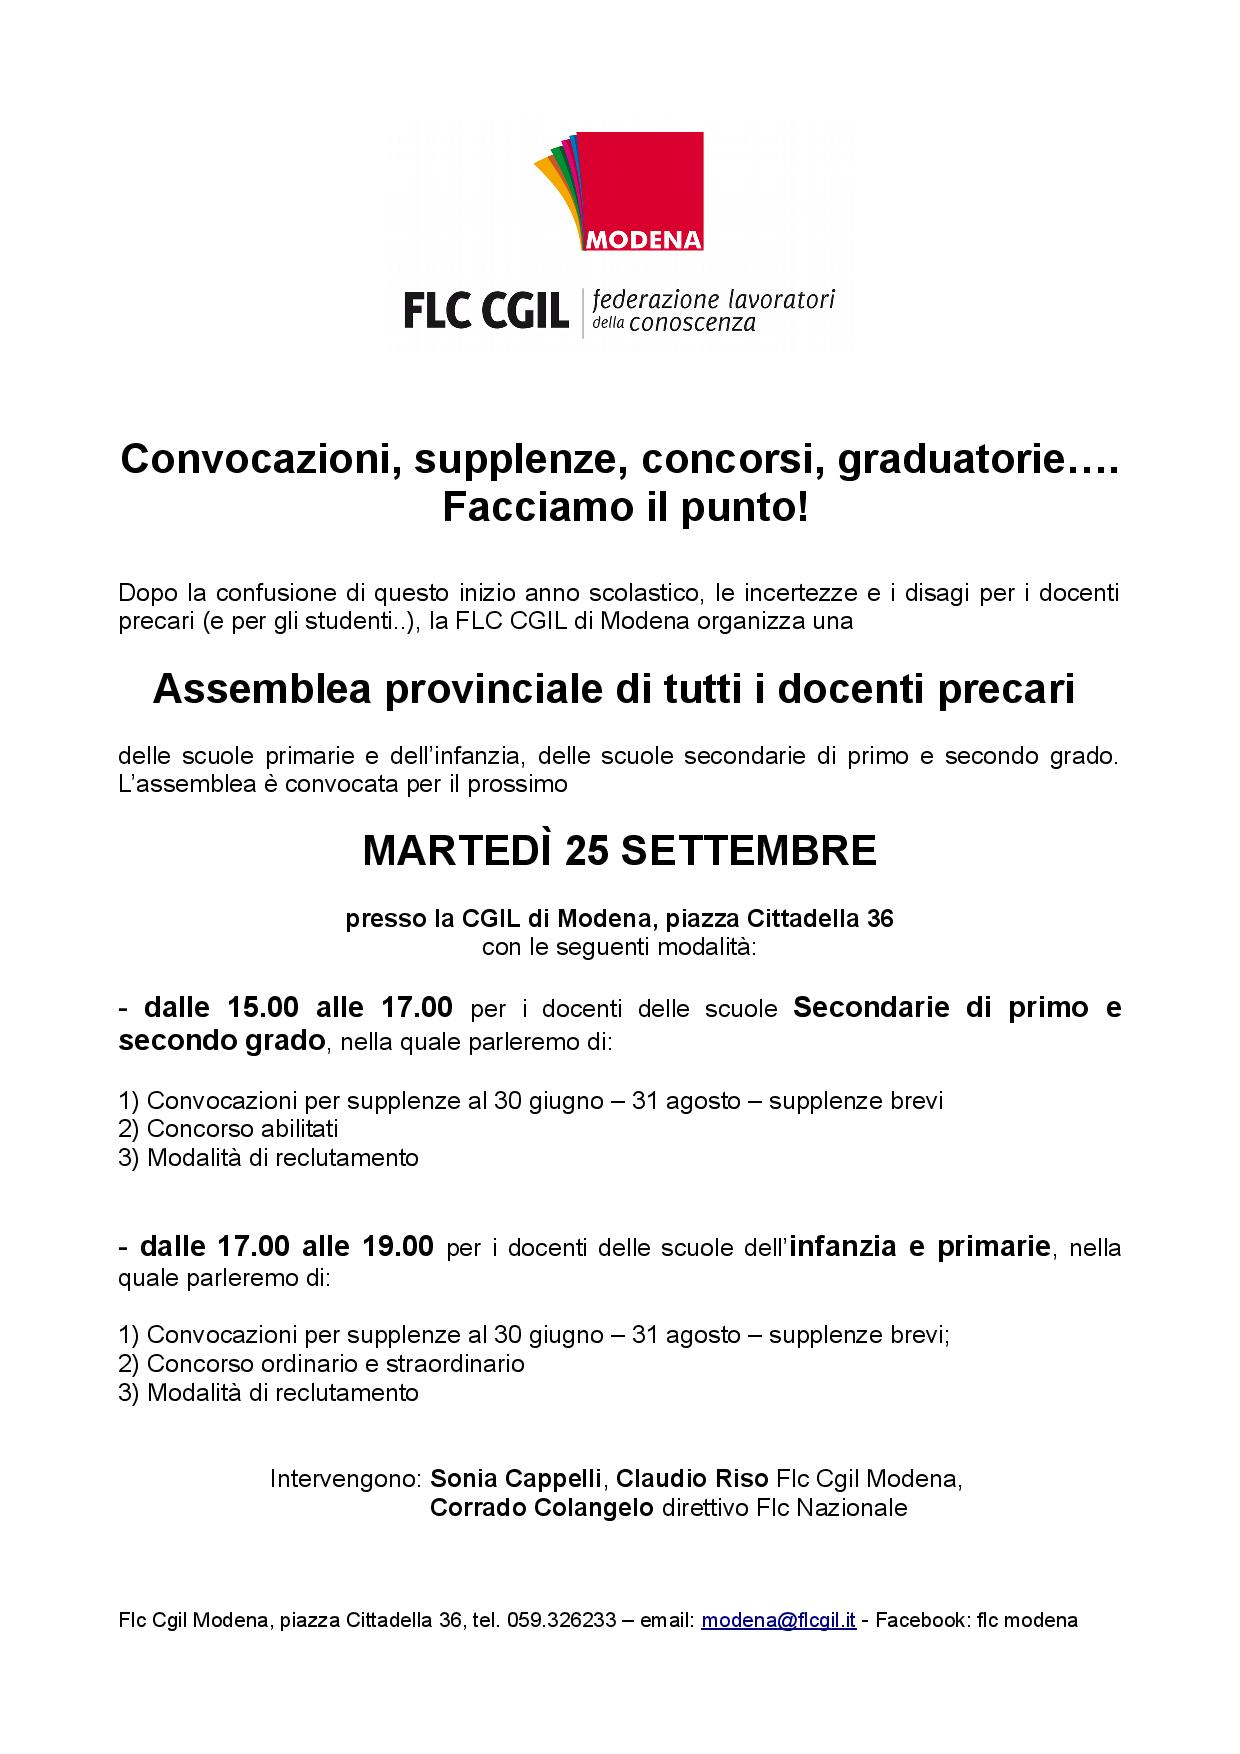 Scuola assemblee su convocazioni supplenze concorsi graduatorie - 25/9/2018